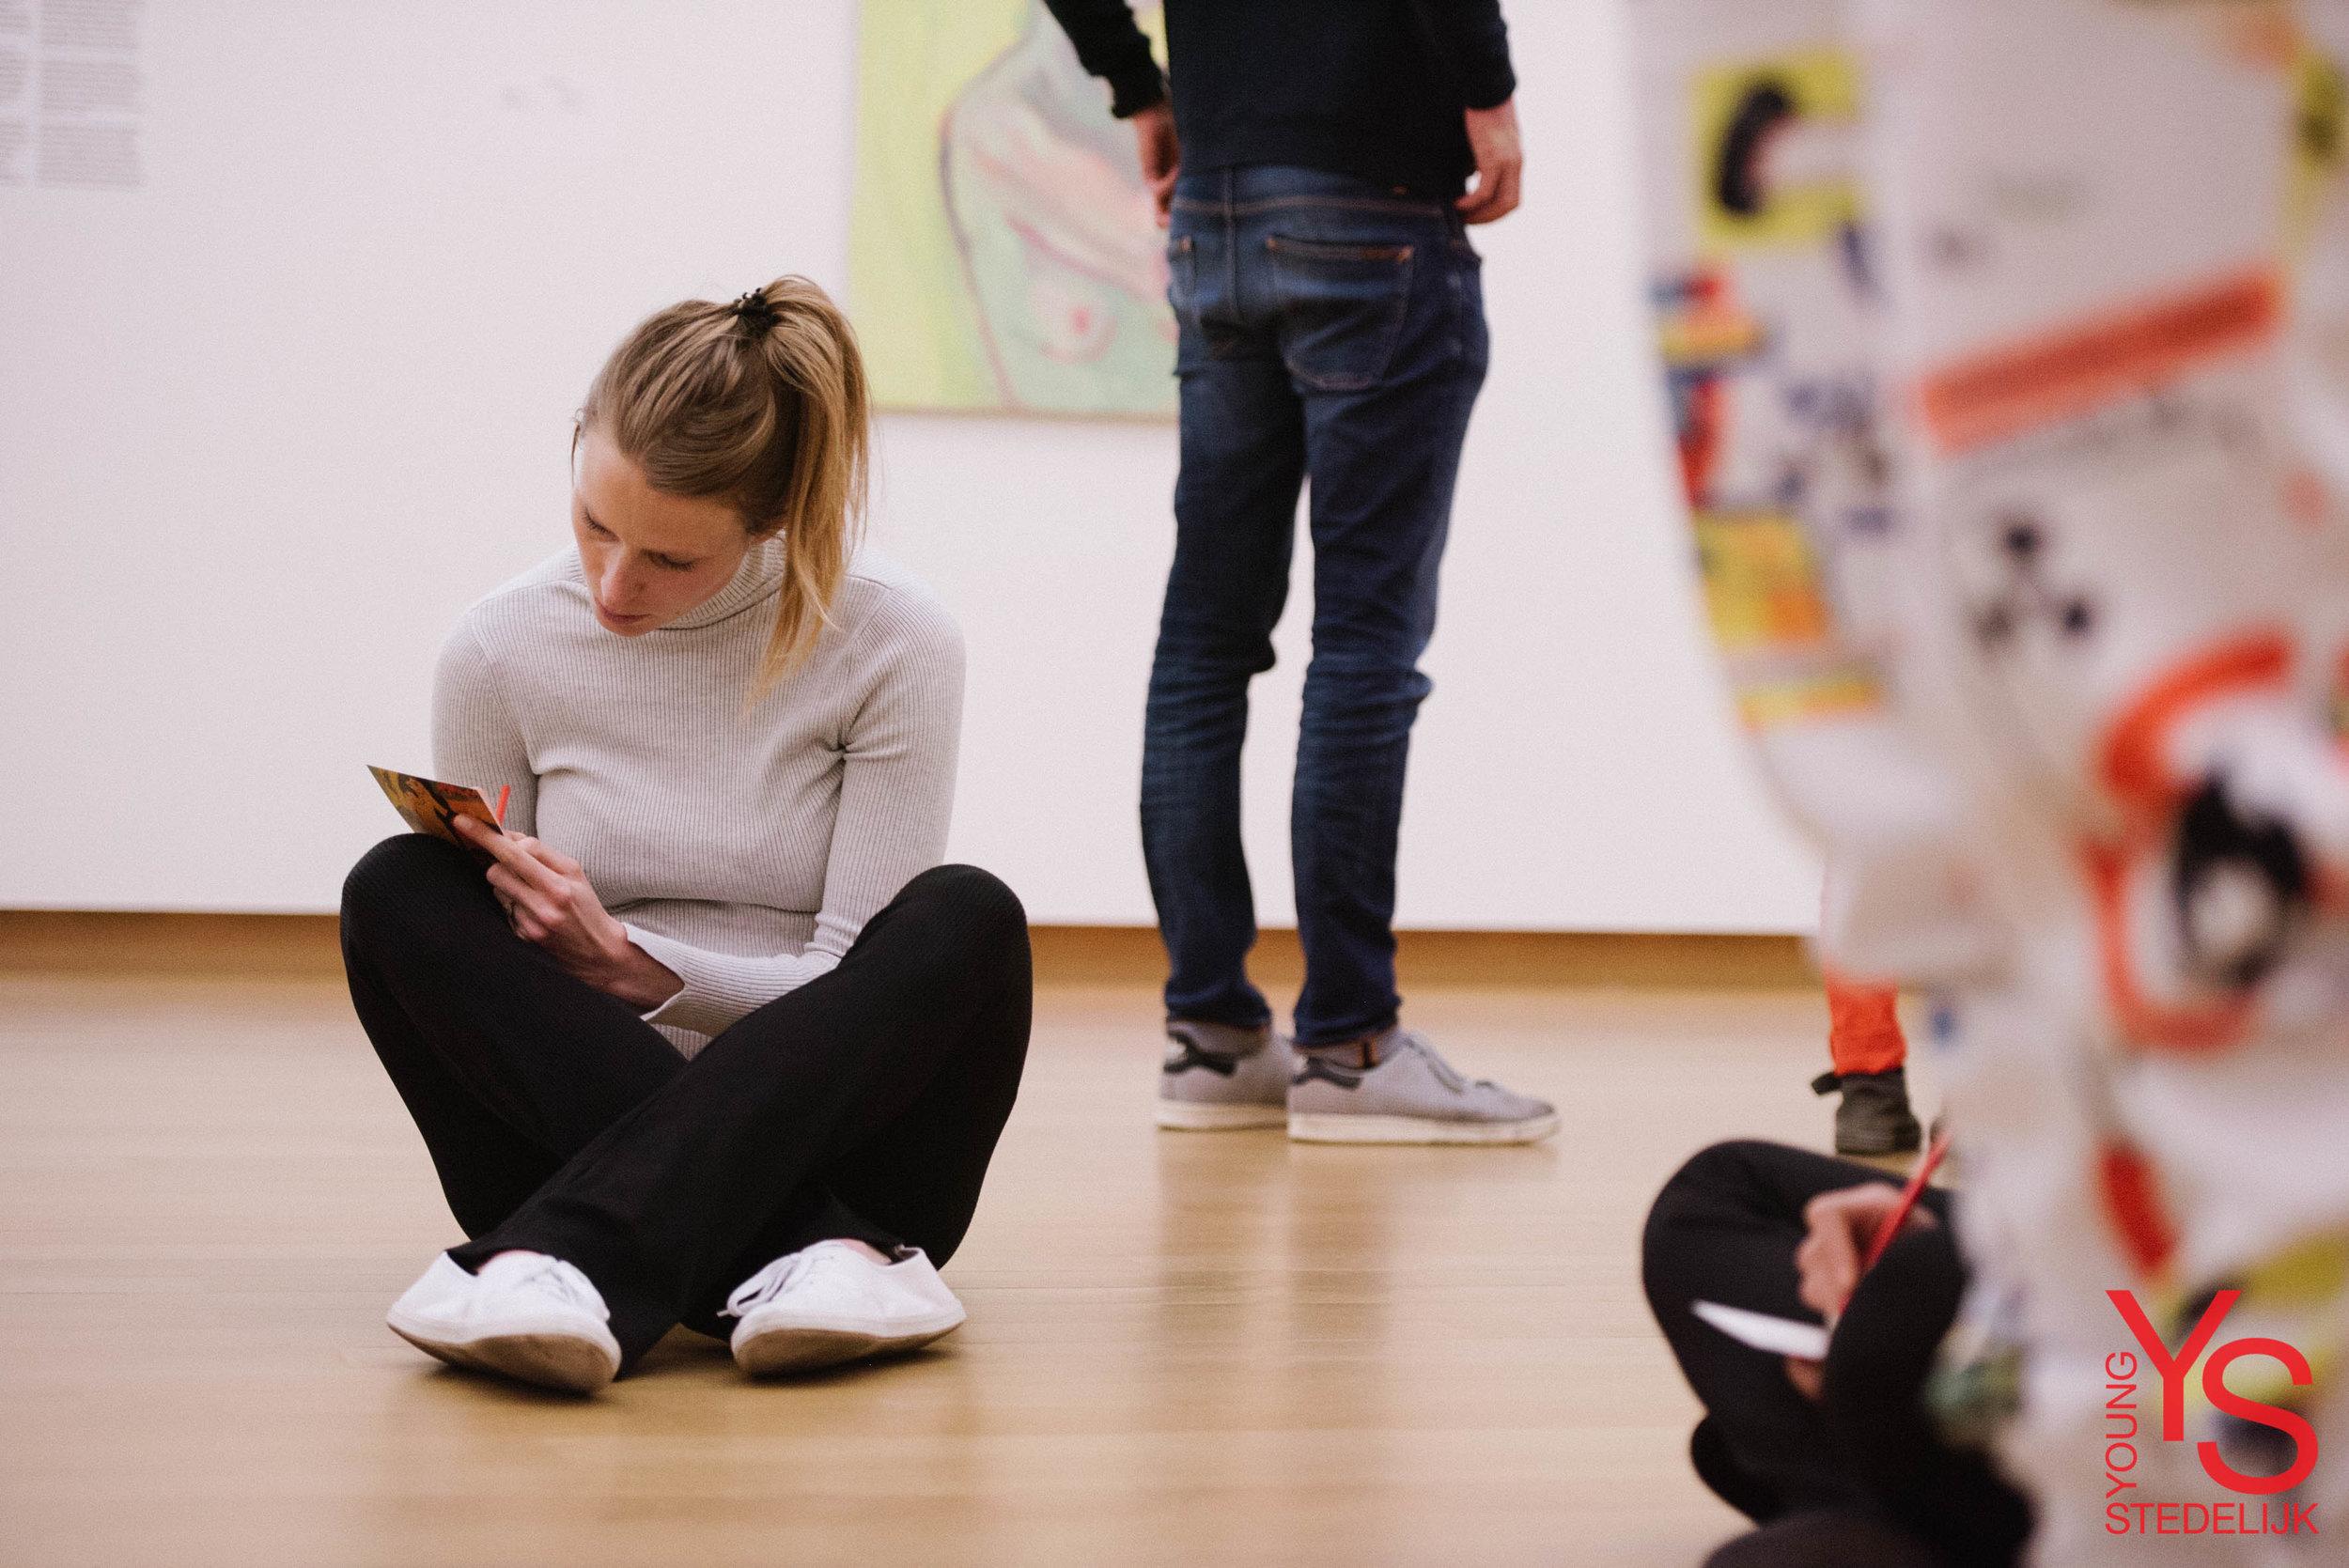 StedelijkMuseum_TheBreakfast_NooijPhotography_logo-171.jpg